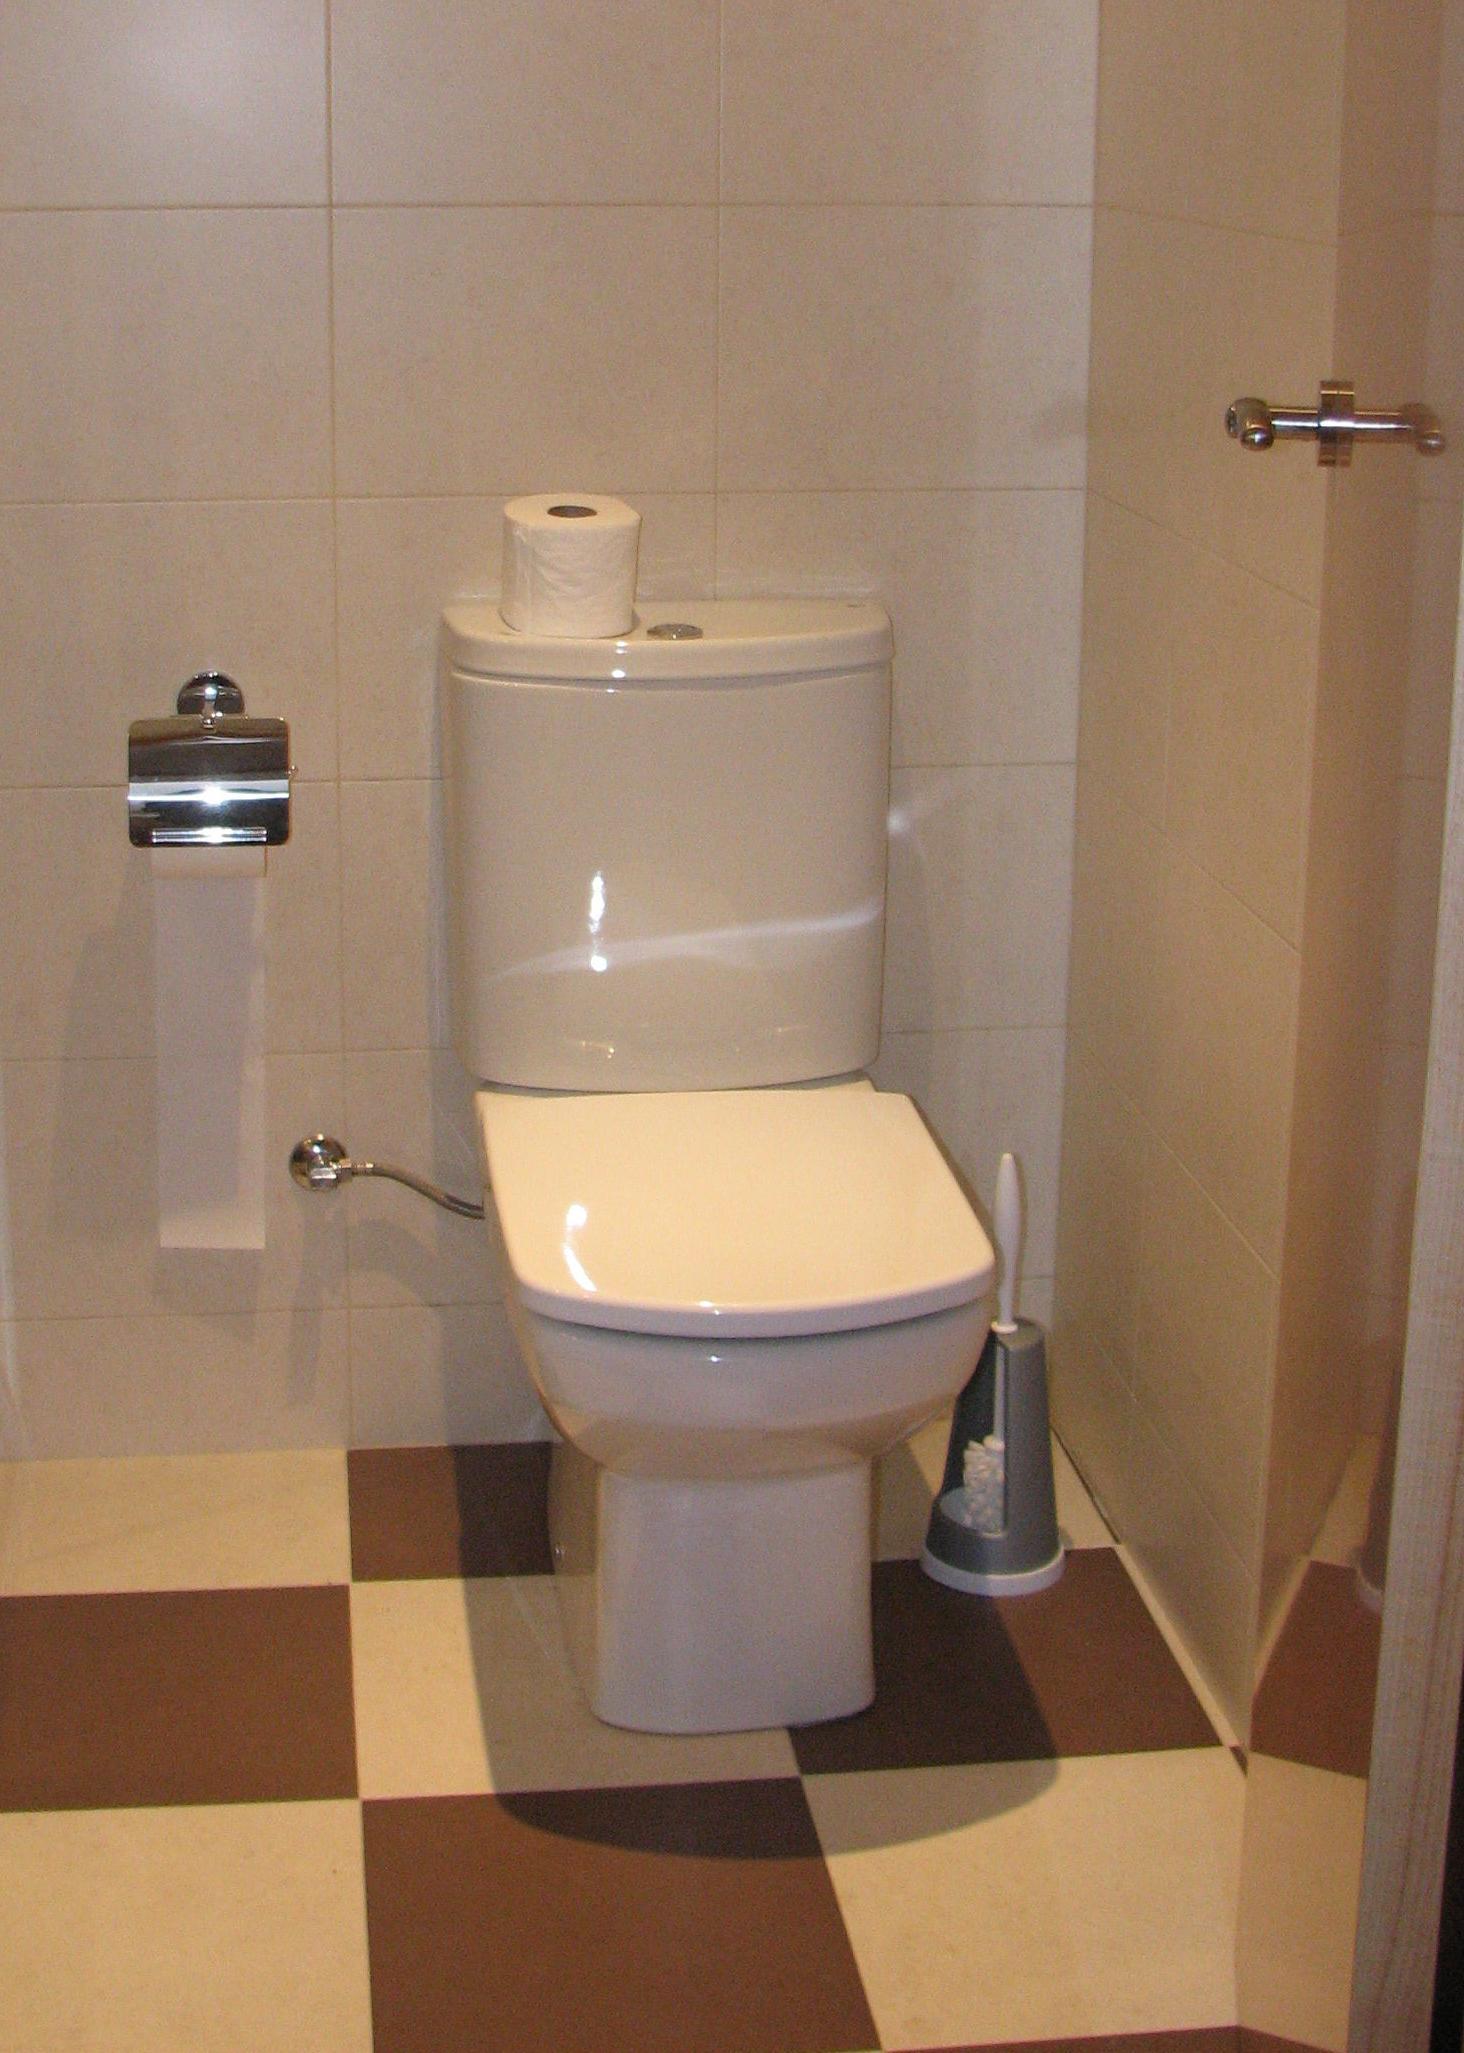 Instalaci n de wc en ba o servicios y productos de instal for Wc sin instalacion